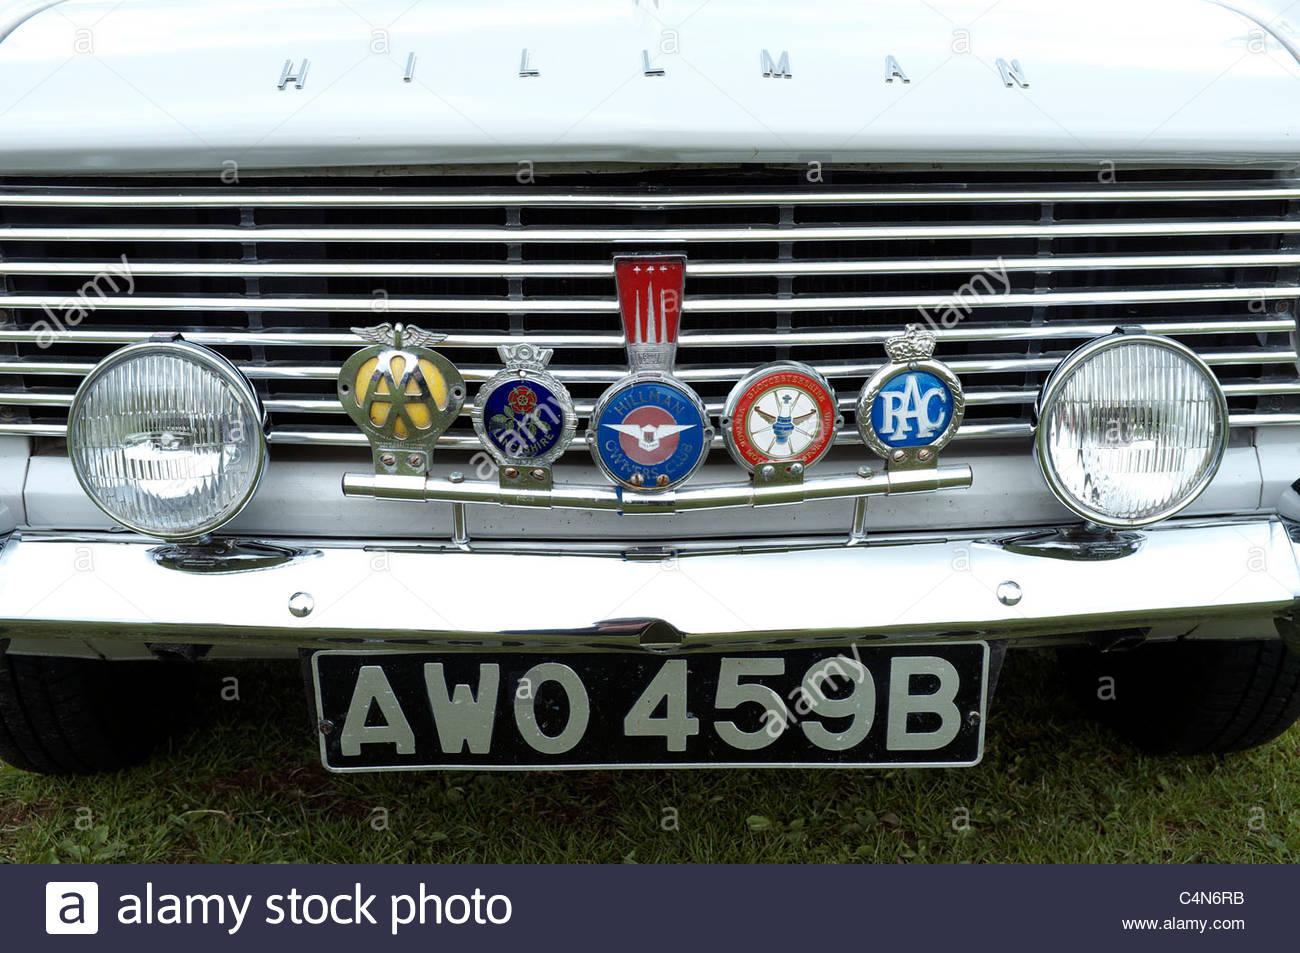 Hillman Super Minx Oldtimer mit einer Sammlung von Autofahren Abzeichen auf der Stoßstange, UK. Stockbild